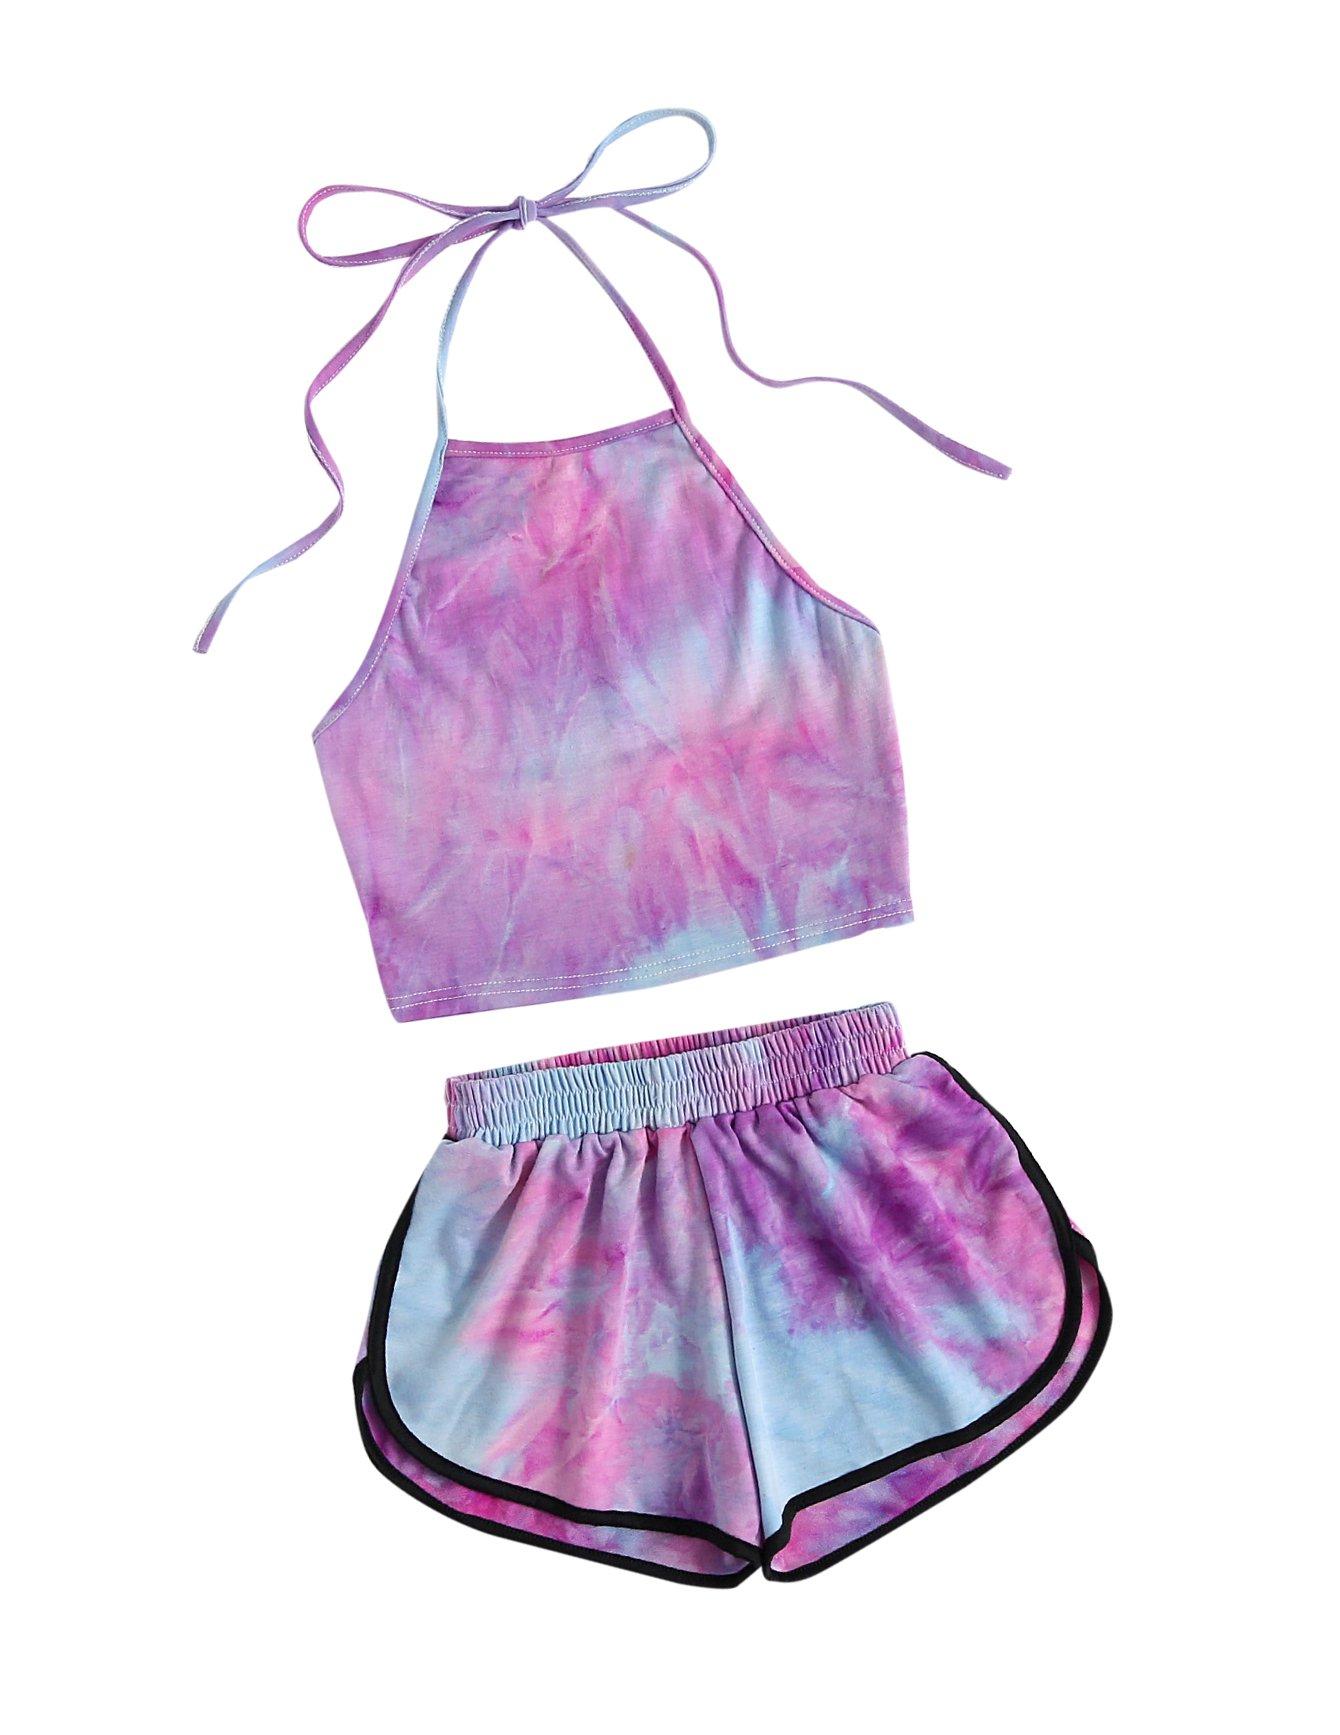 SweatyRocks Women's 2 Piece Set Halter Crop Top and Shorts Set Tie Dye M by SweatyRocks